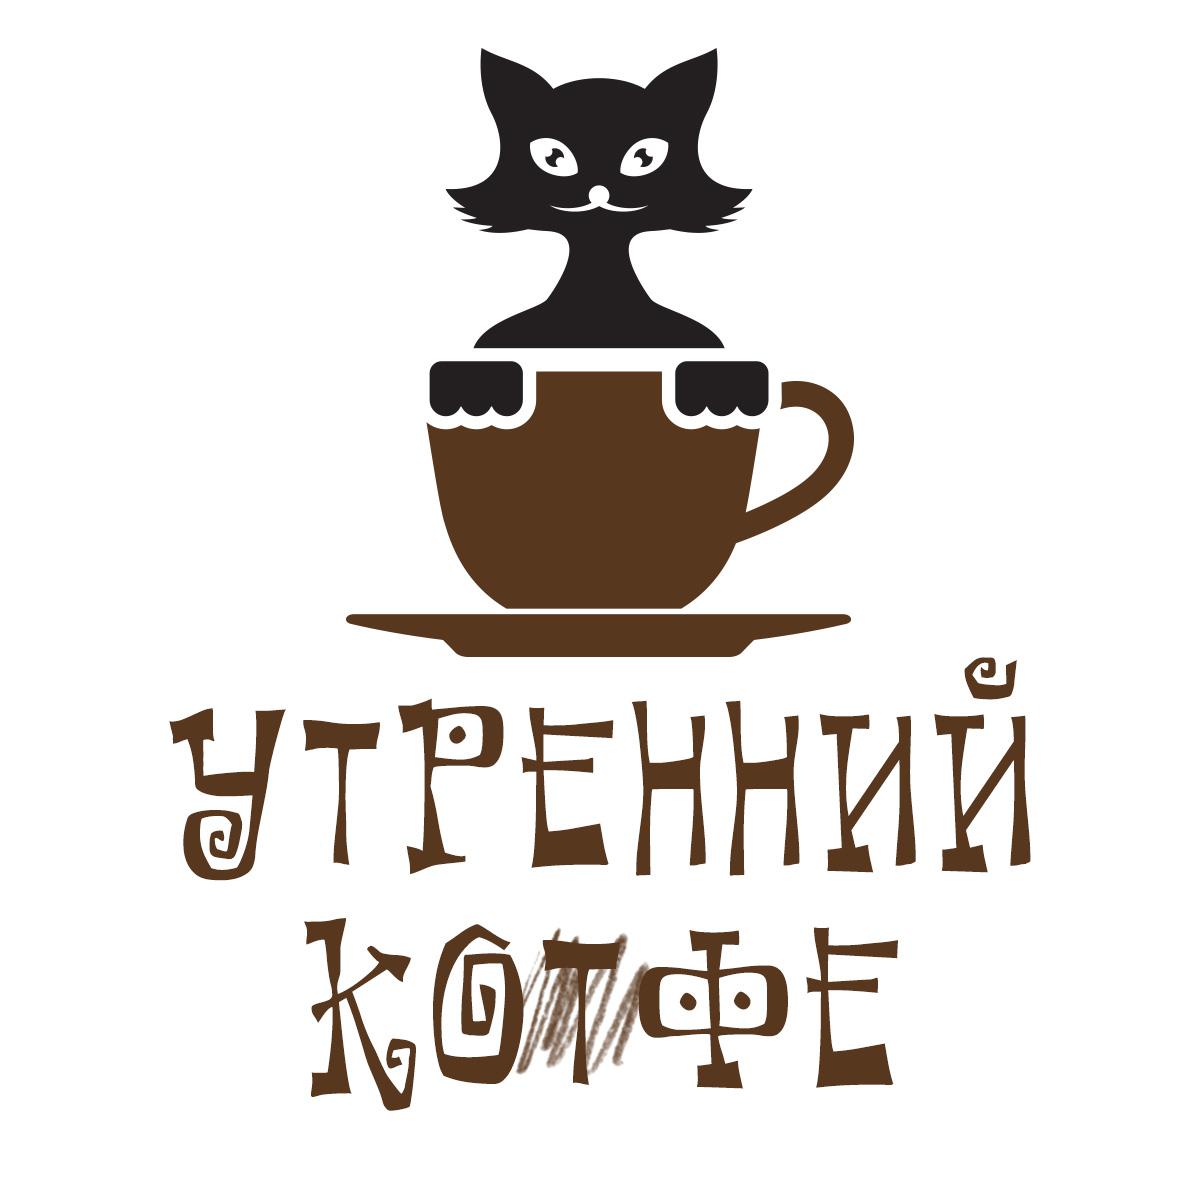 Картинка доброе утро с чашечкой кофе и рисунком чёрного кота с текстом на белом фоне.